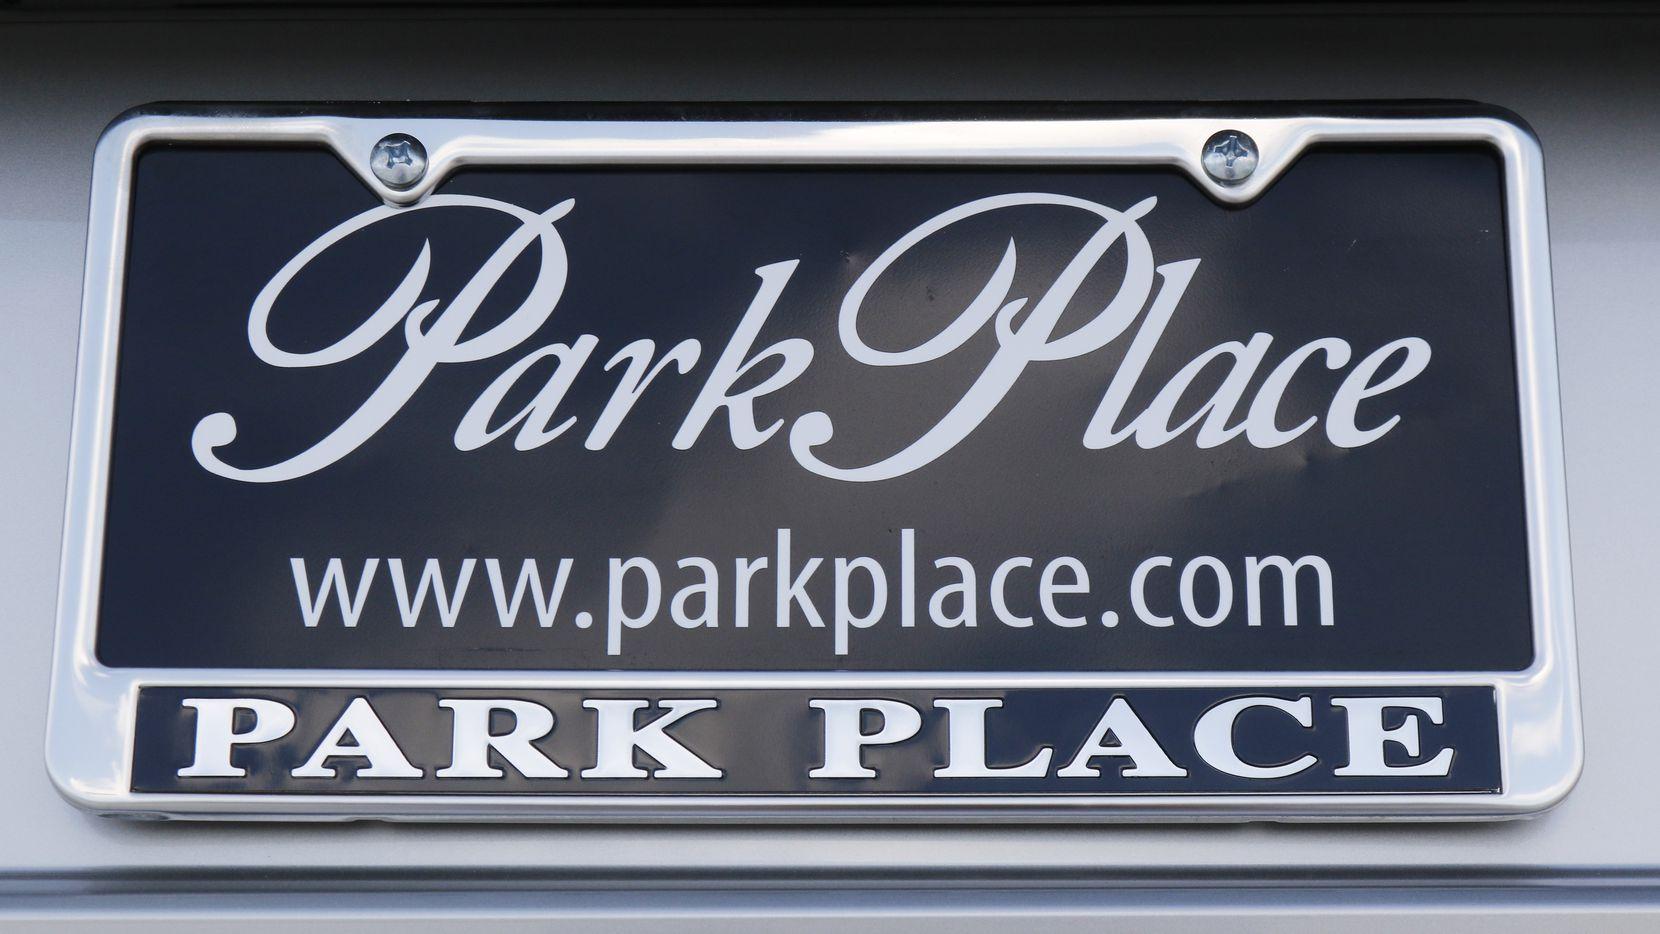 Park Place Jaguar DFW dealership located in Grapevine.